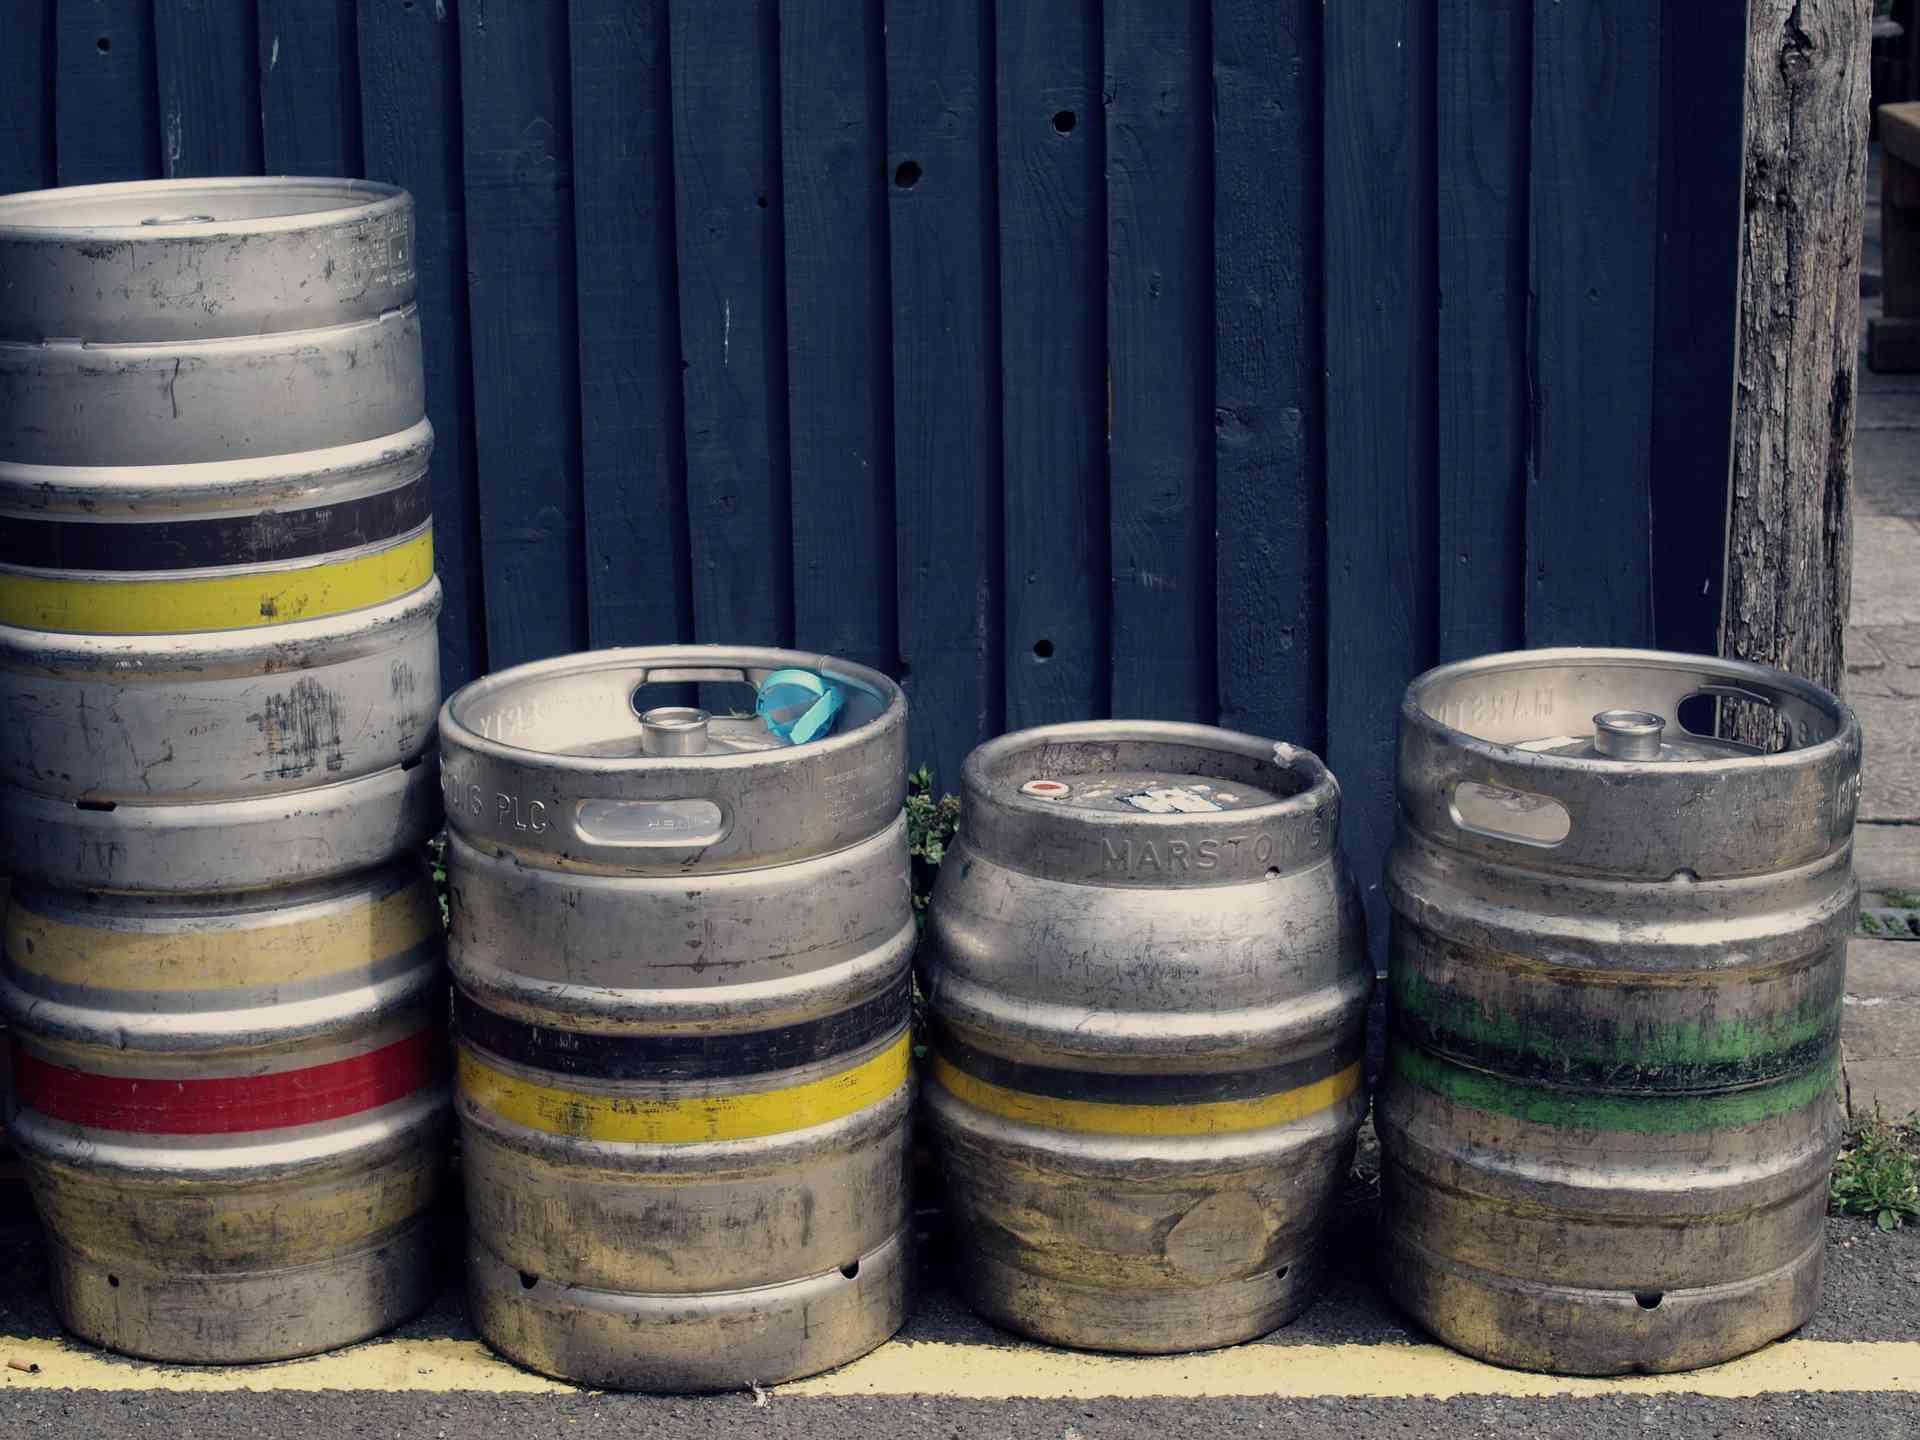 Acid barrels